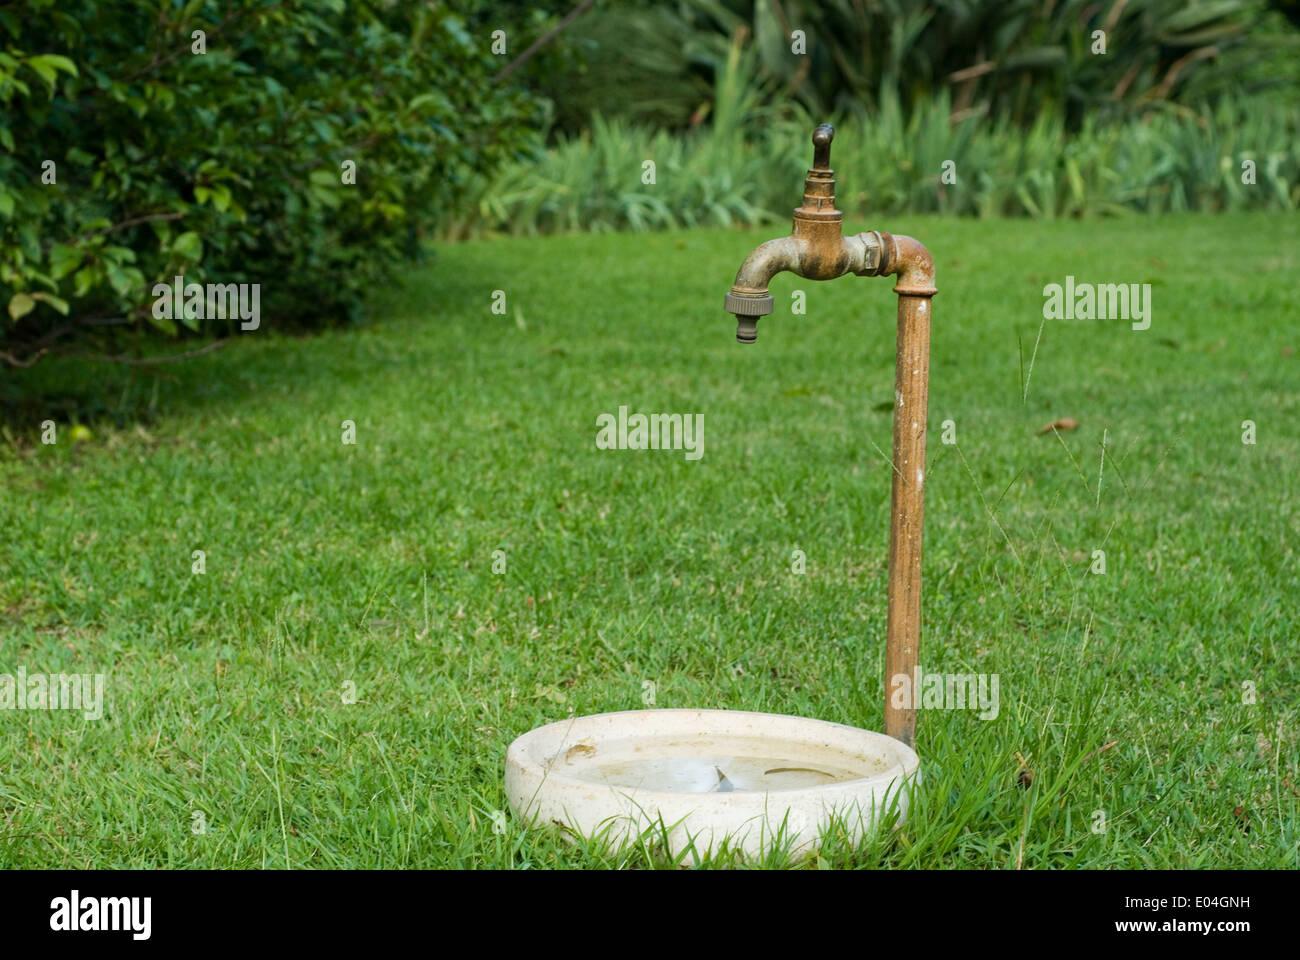 Im Freien Privaten Garten Wasserhahn Mit With Garten Wasserhahn